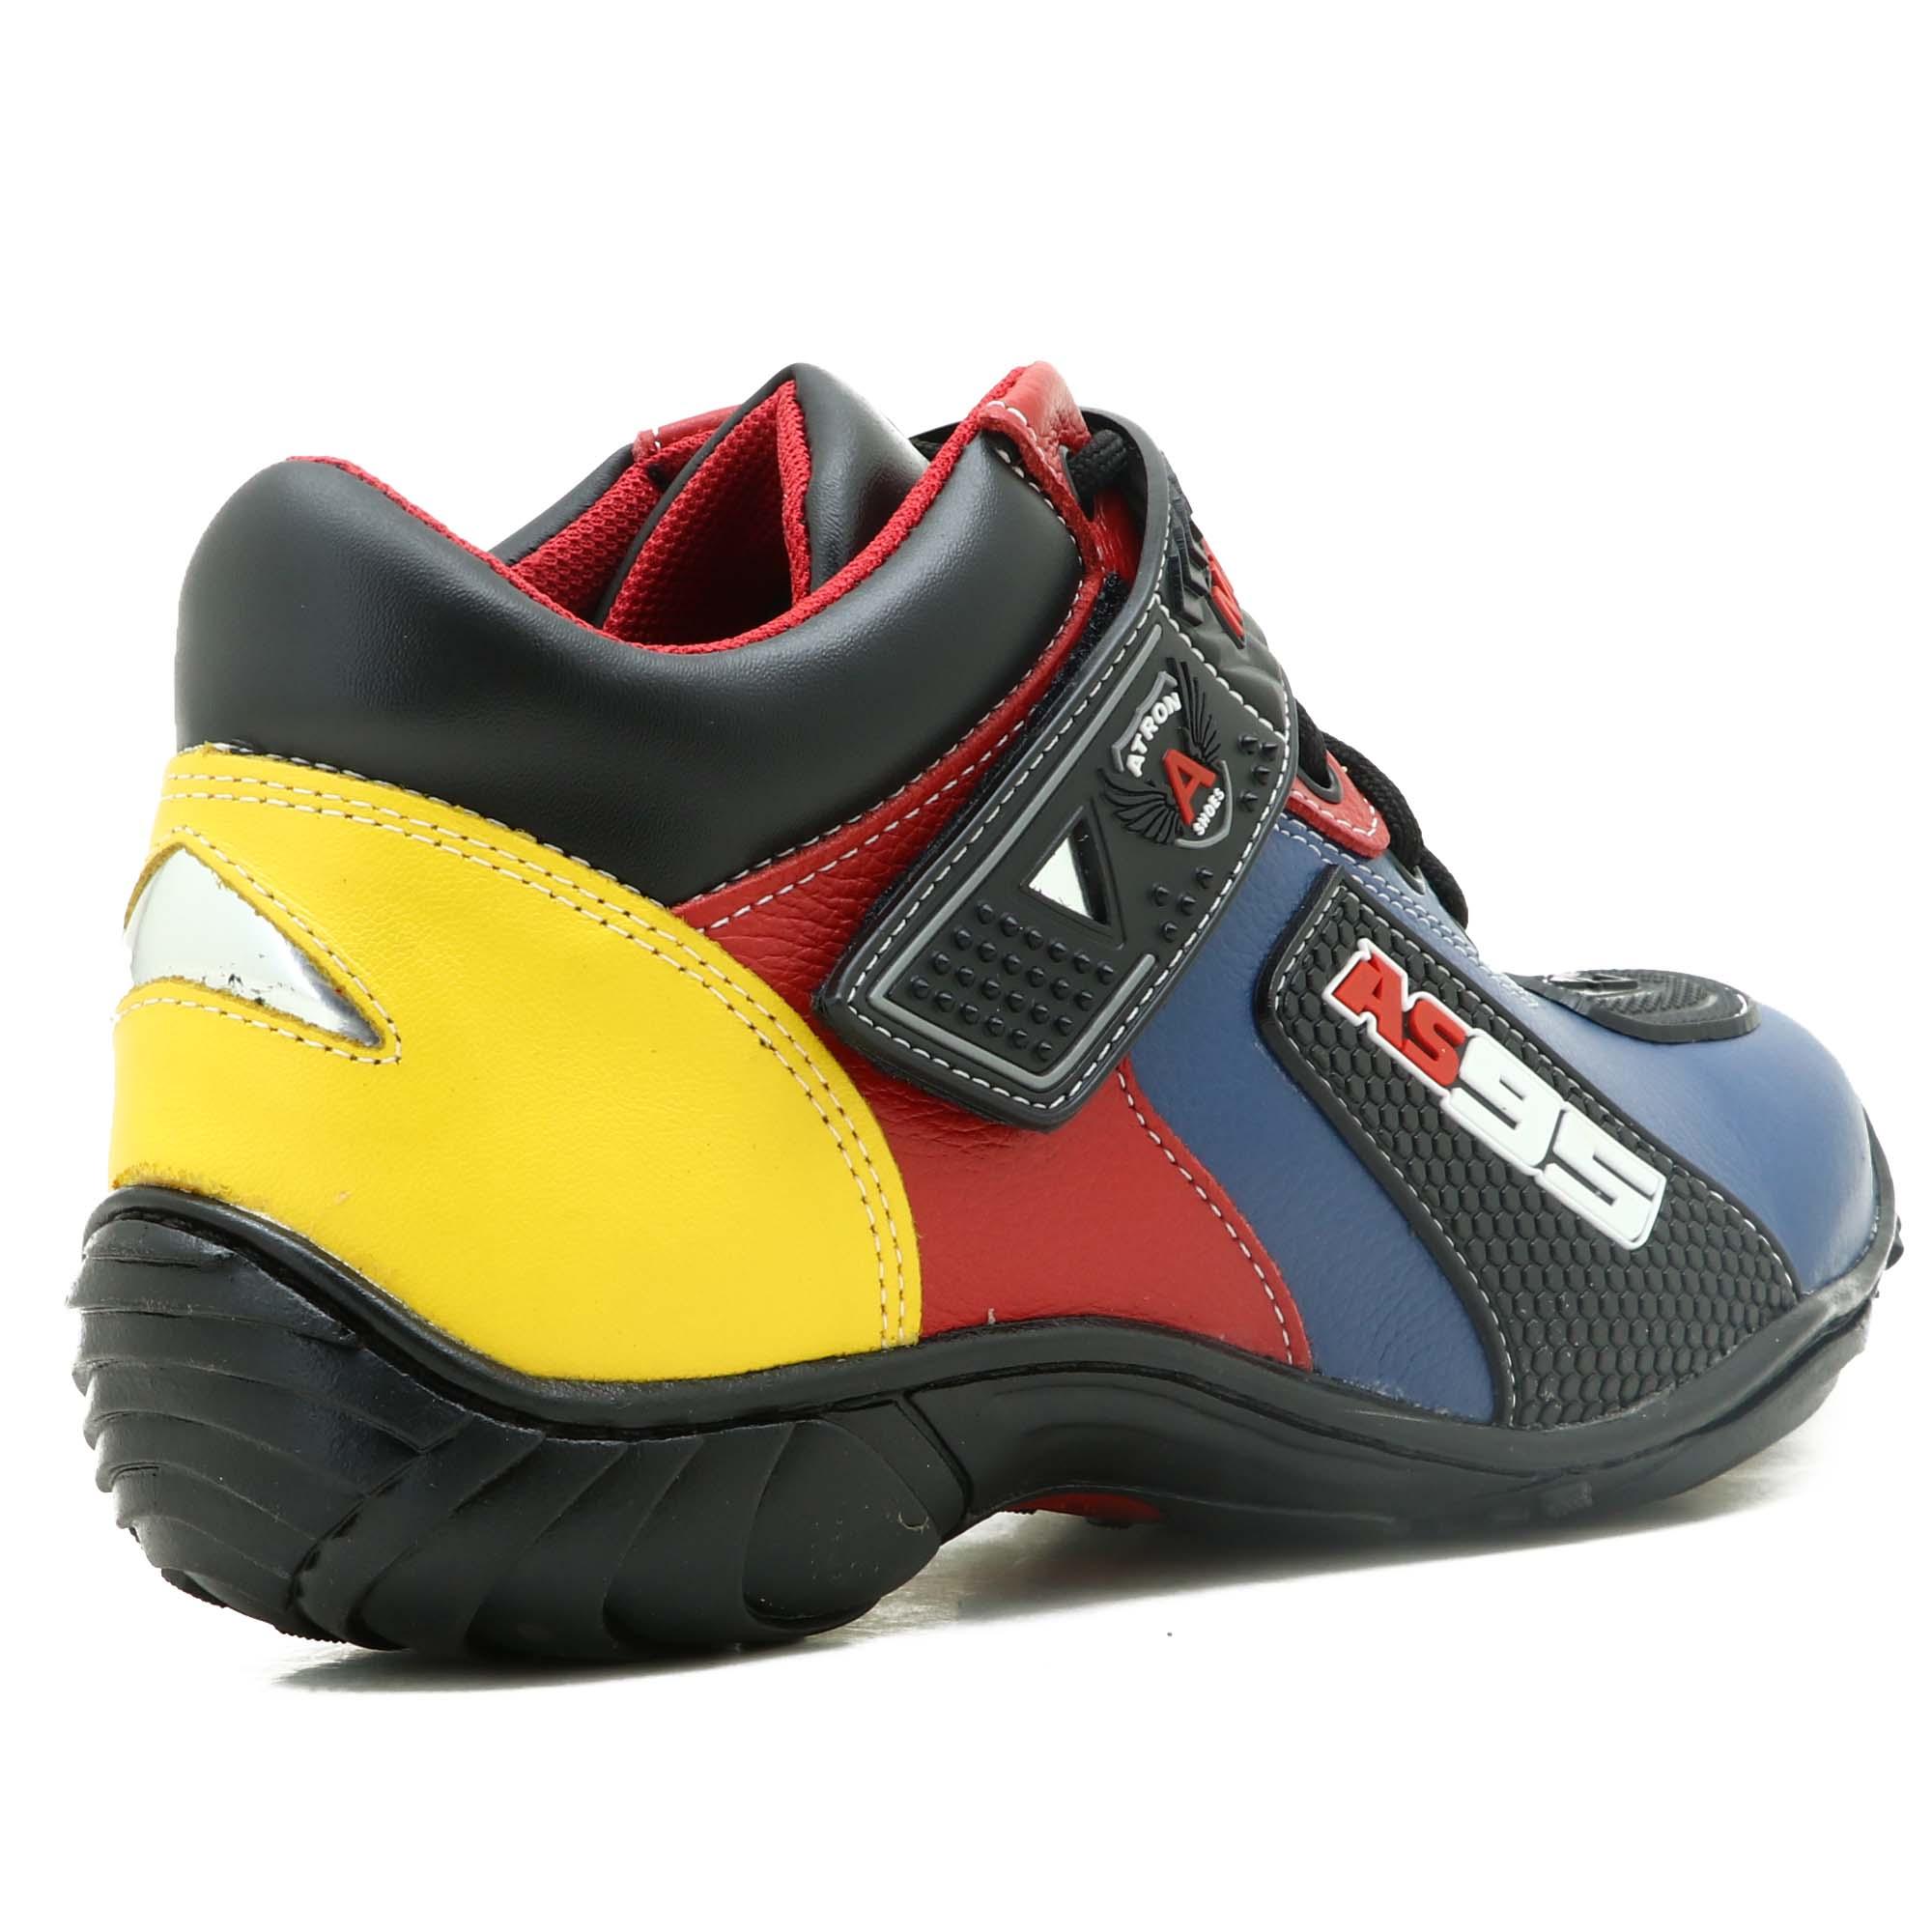 Tênis motociclista AS95 de couro legítimo nas cores azul amarelo e vermelho 403